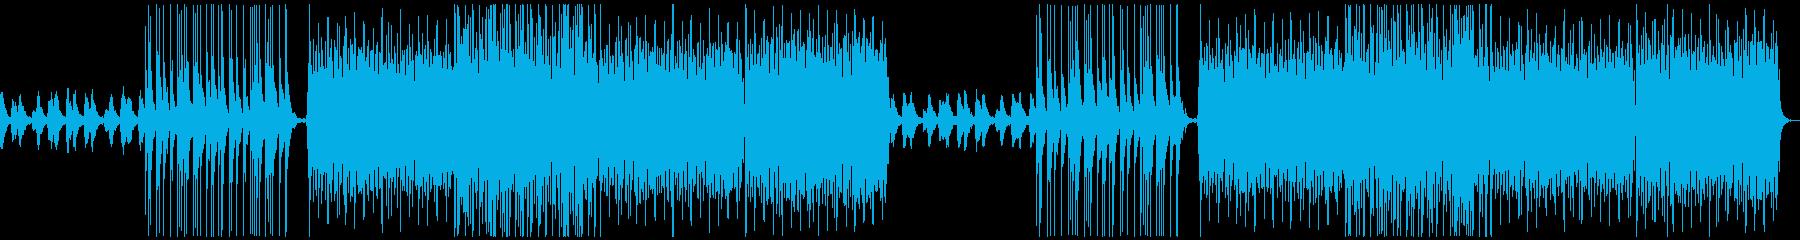 ファンタジックで和風なBGMの再生済みの波形